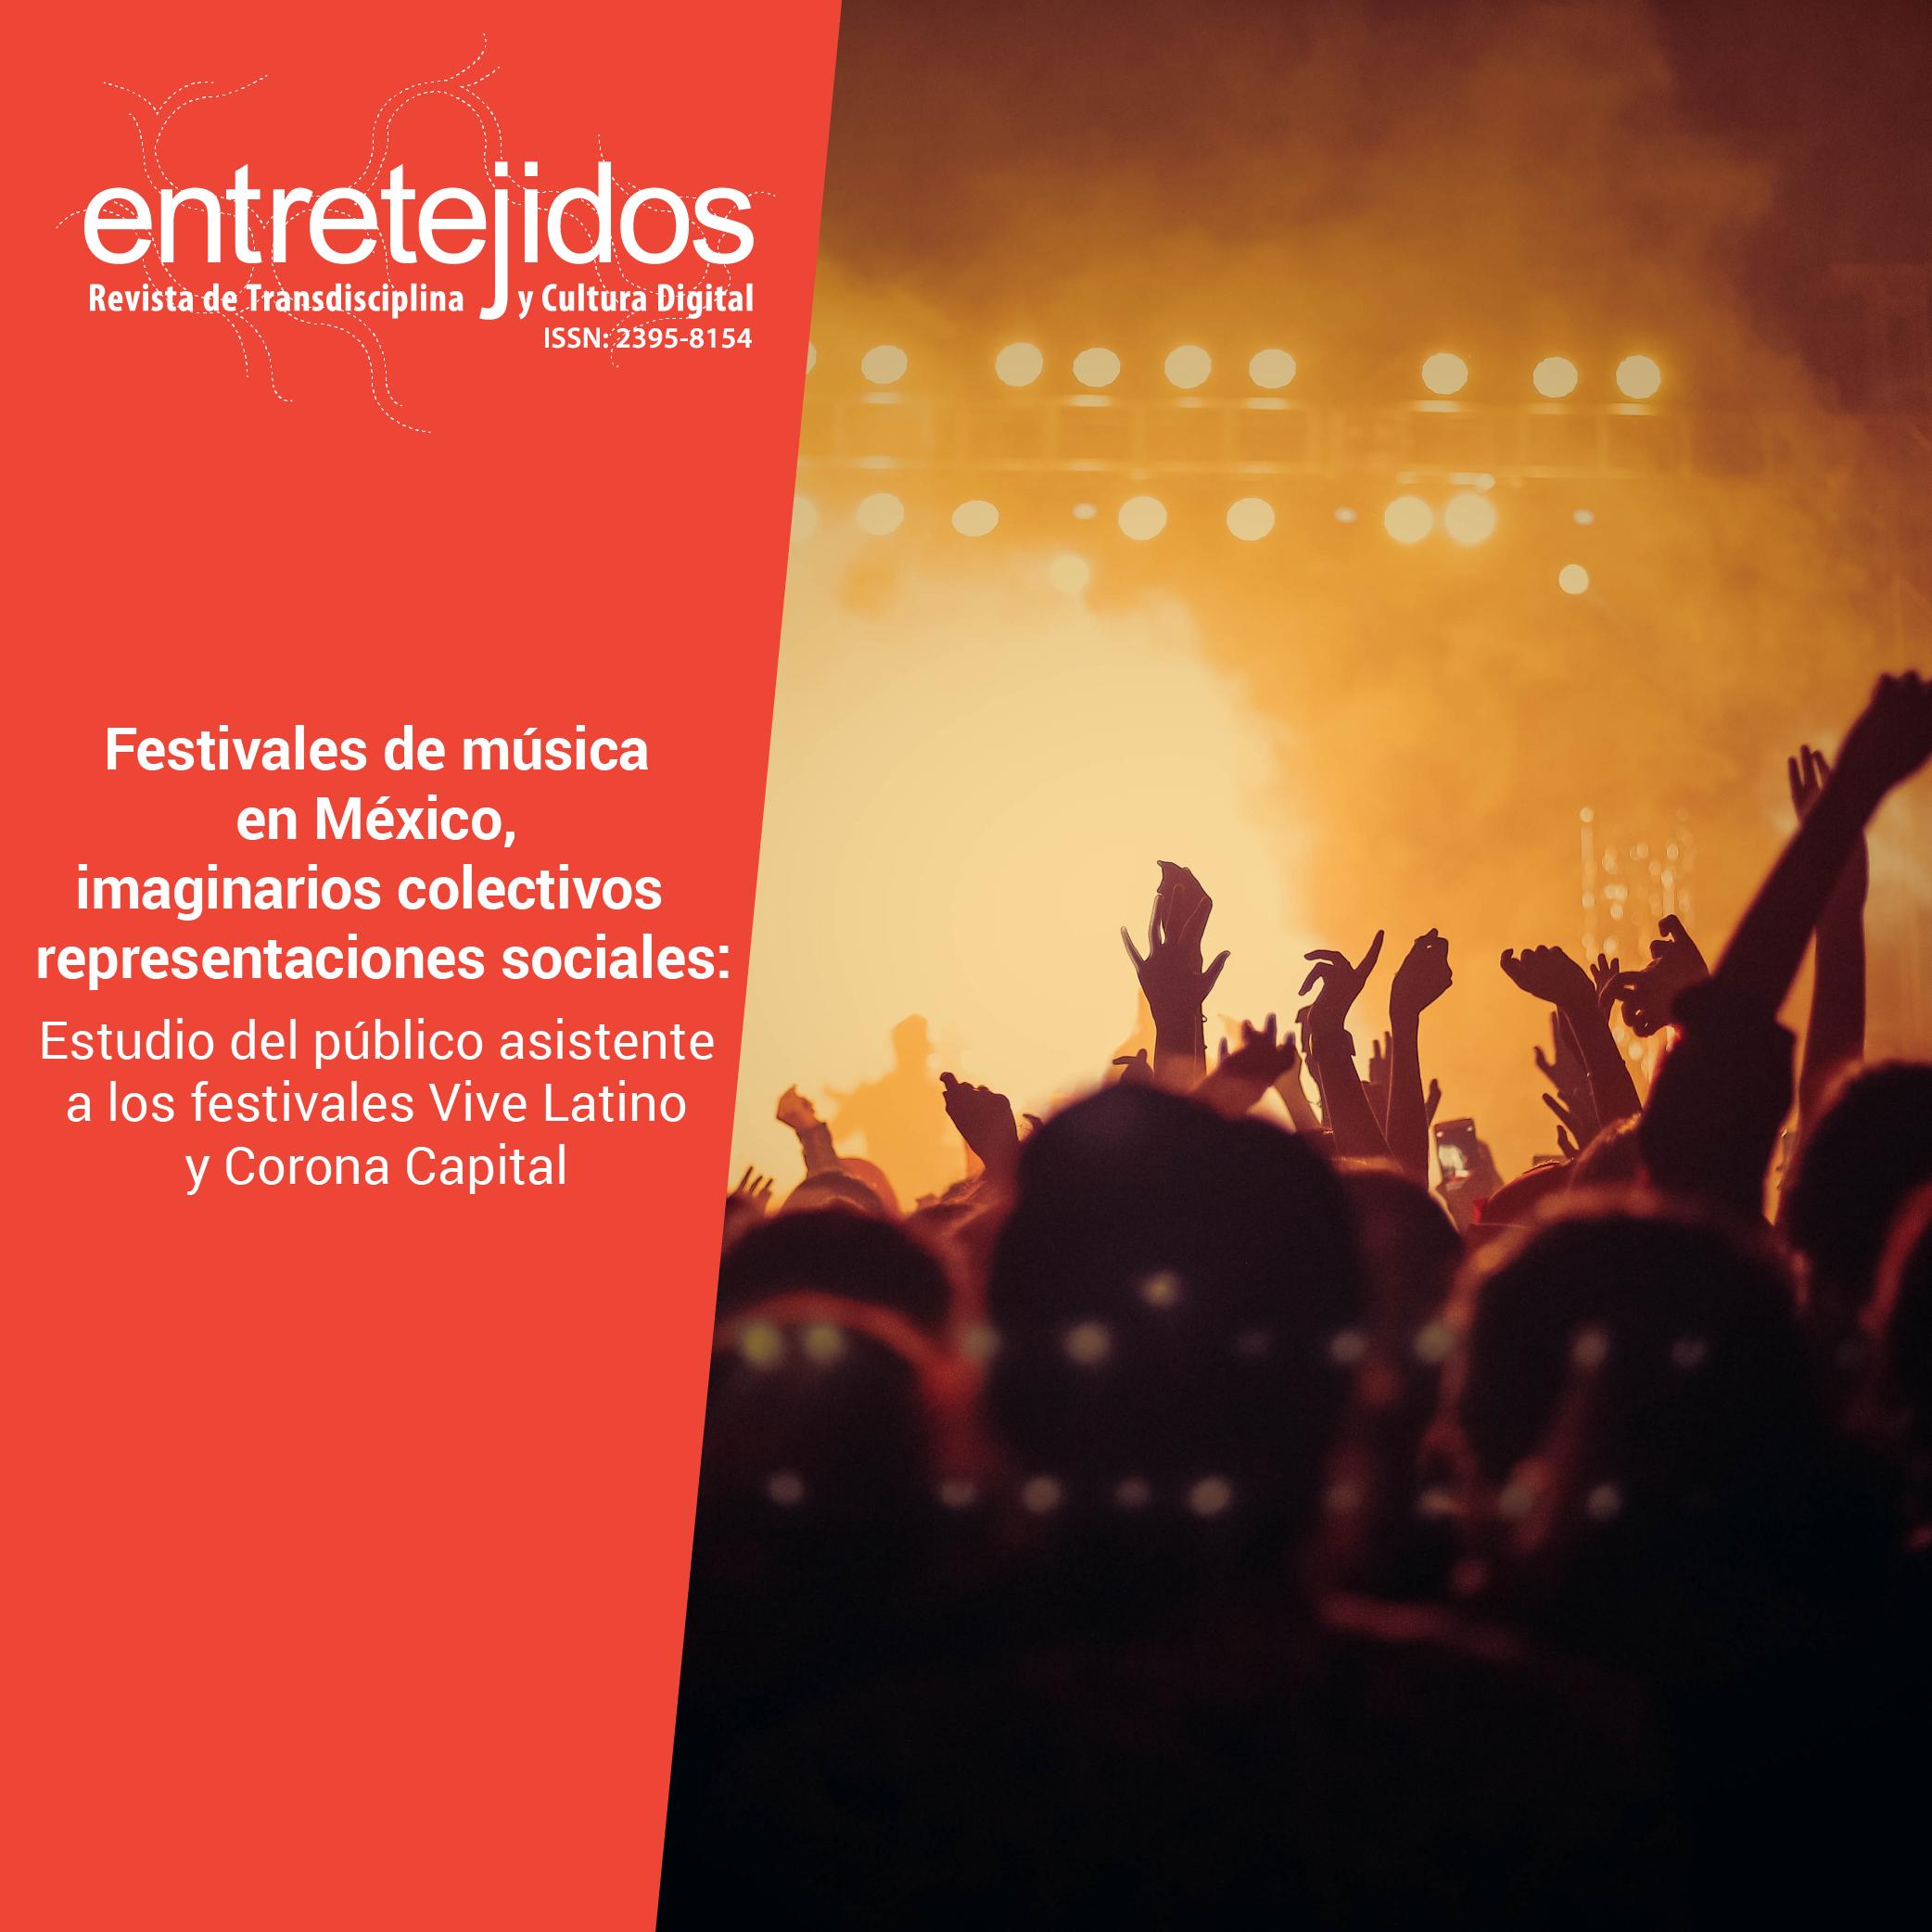 Festivales de música en México, imaginarios colectivos y representaciones sociales: estudio del público asistente a los festivales Vive Latino y Corona Capital